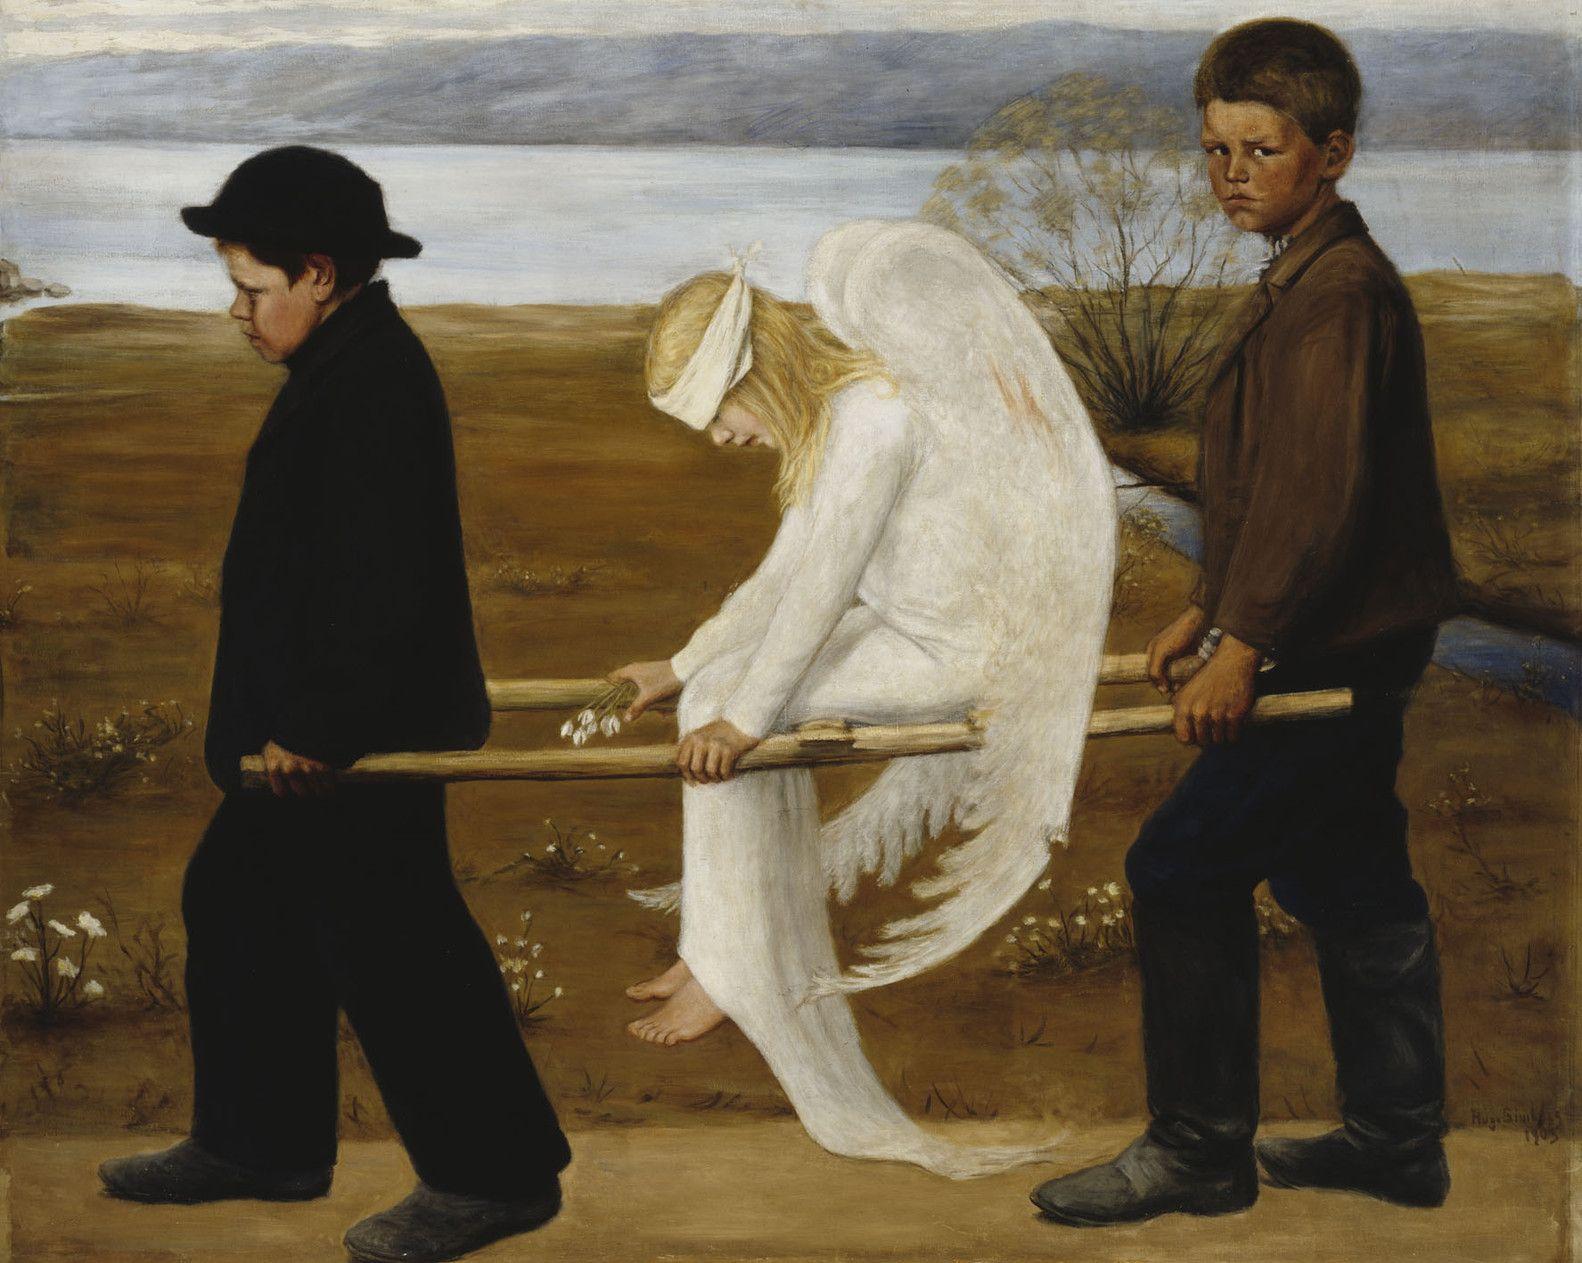 Hugo Simberg: The Wounded Angel, 1903 | Obras de arte, Arte, Museo ...